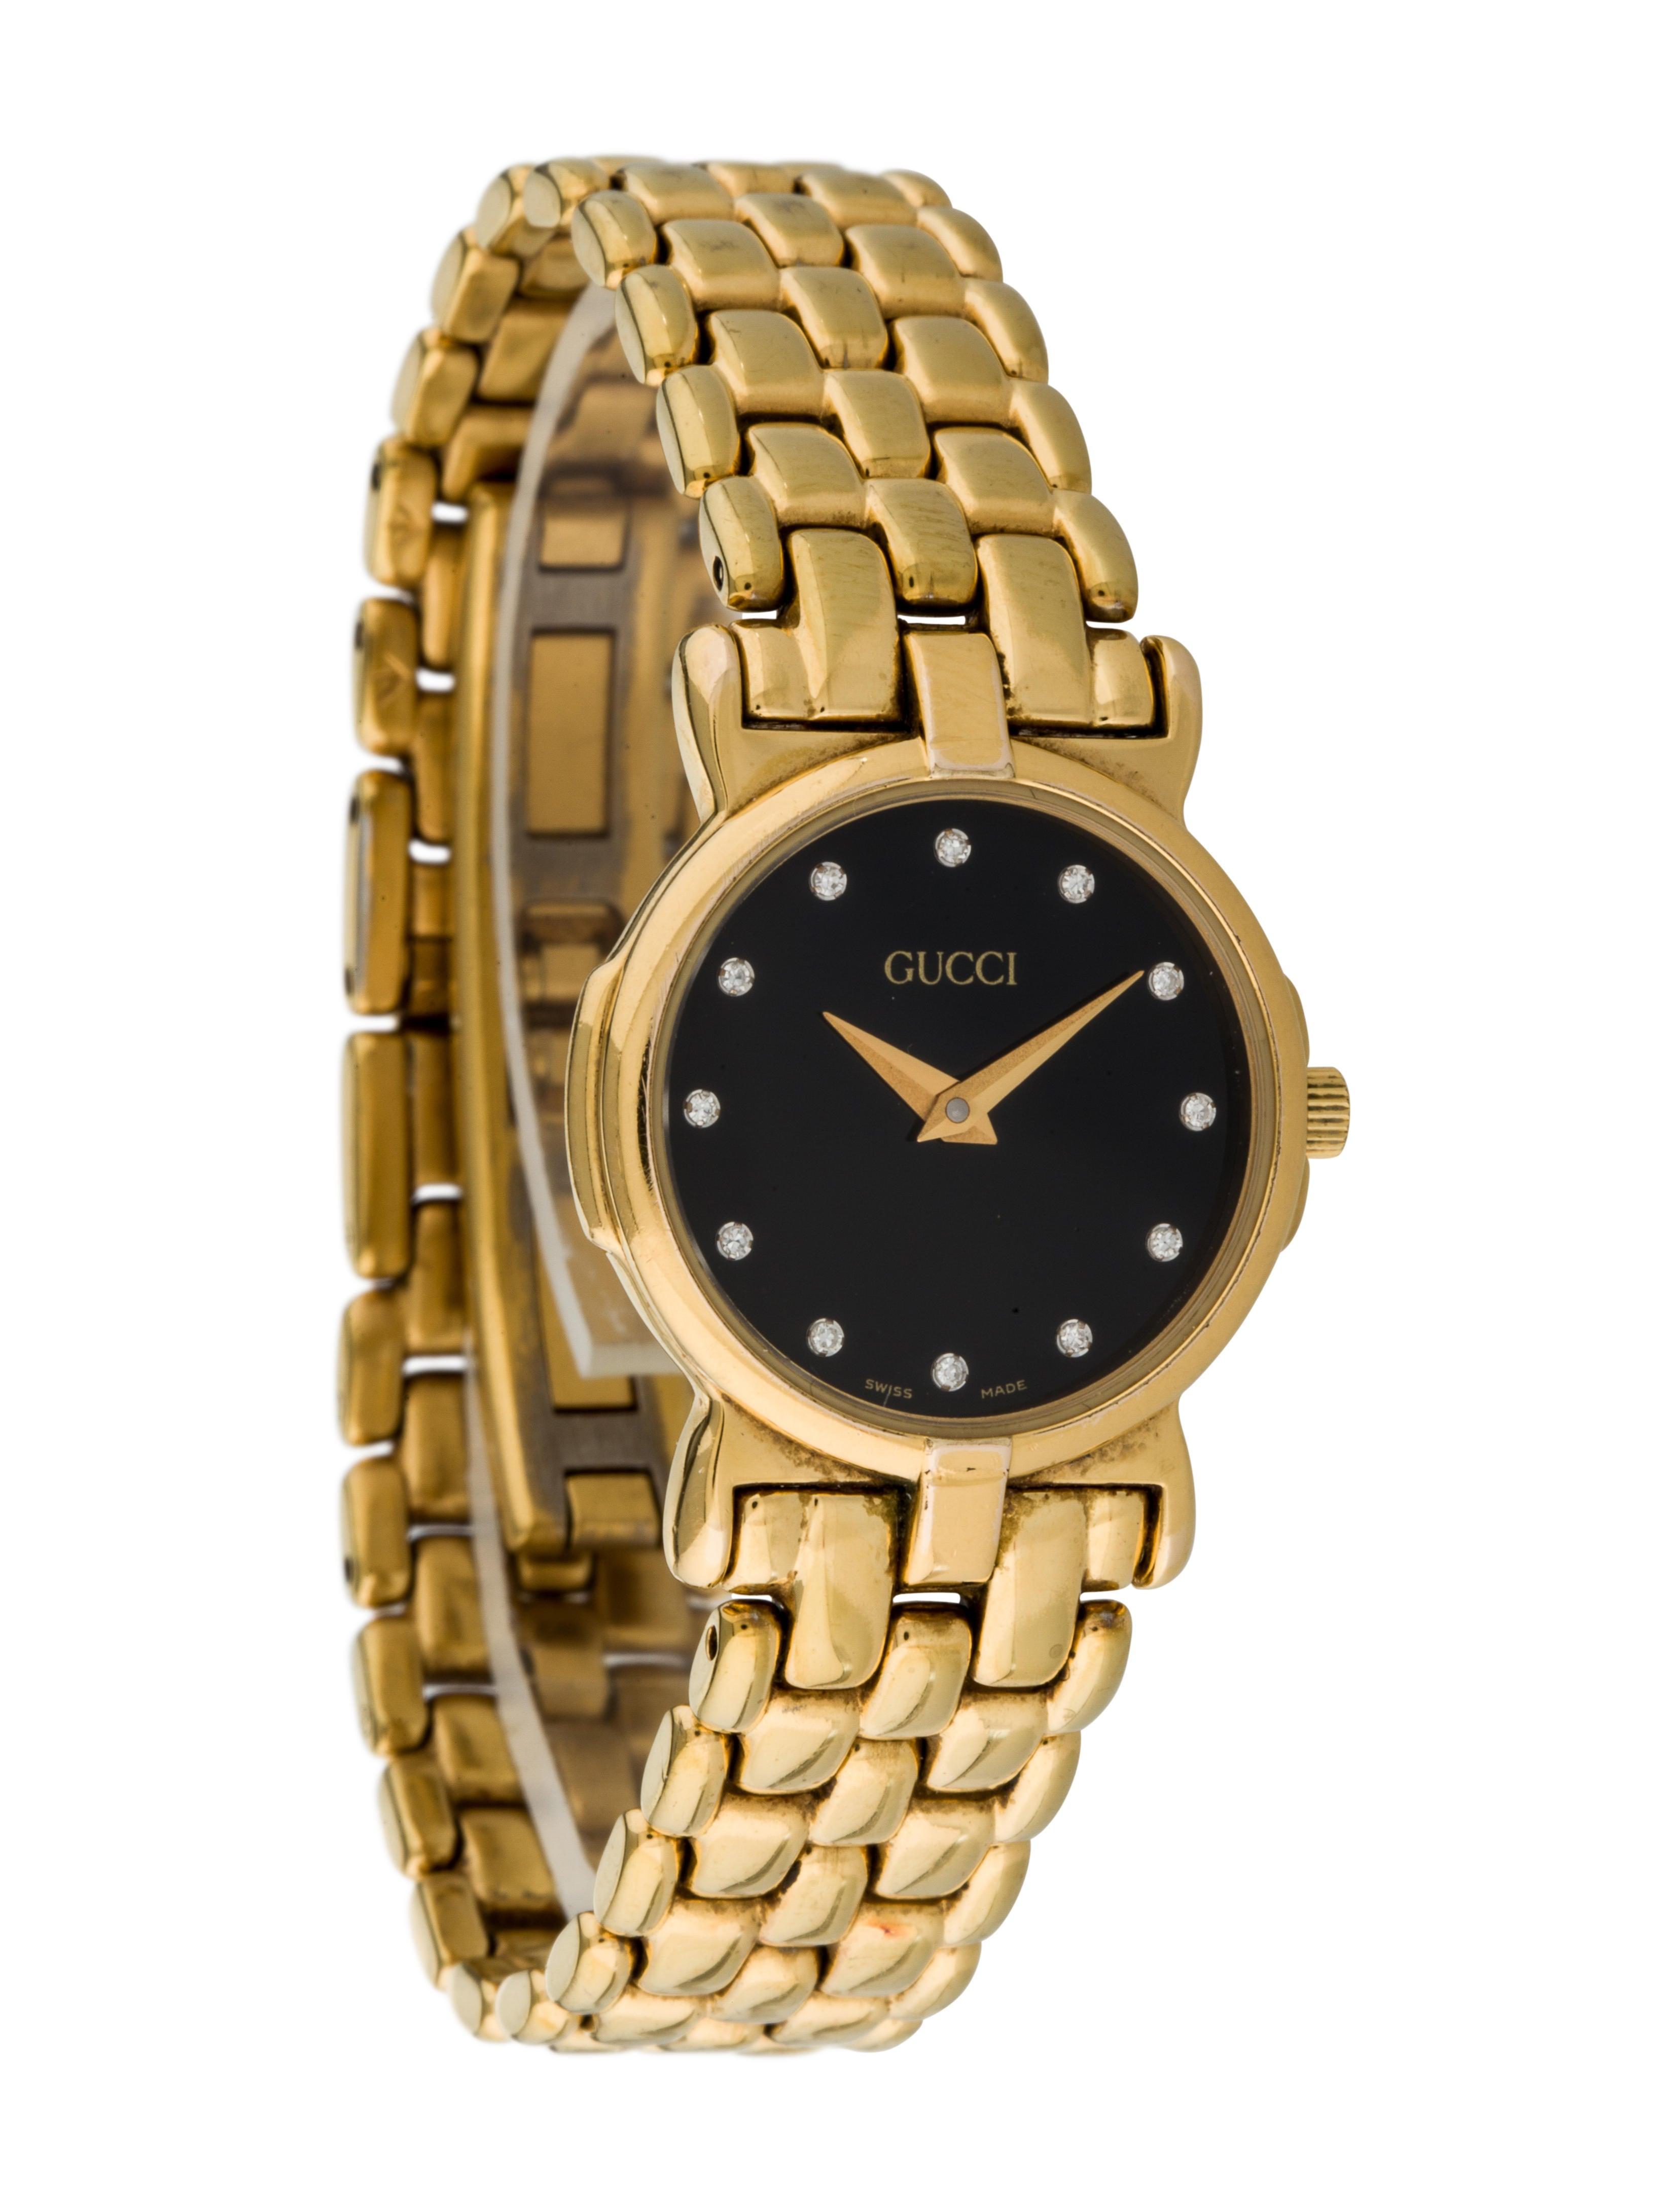 7bbe9d6c11d Gucci 3400L Diamond Watch - Bracelet - GUC70194